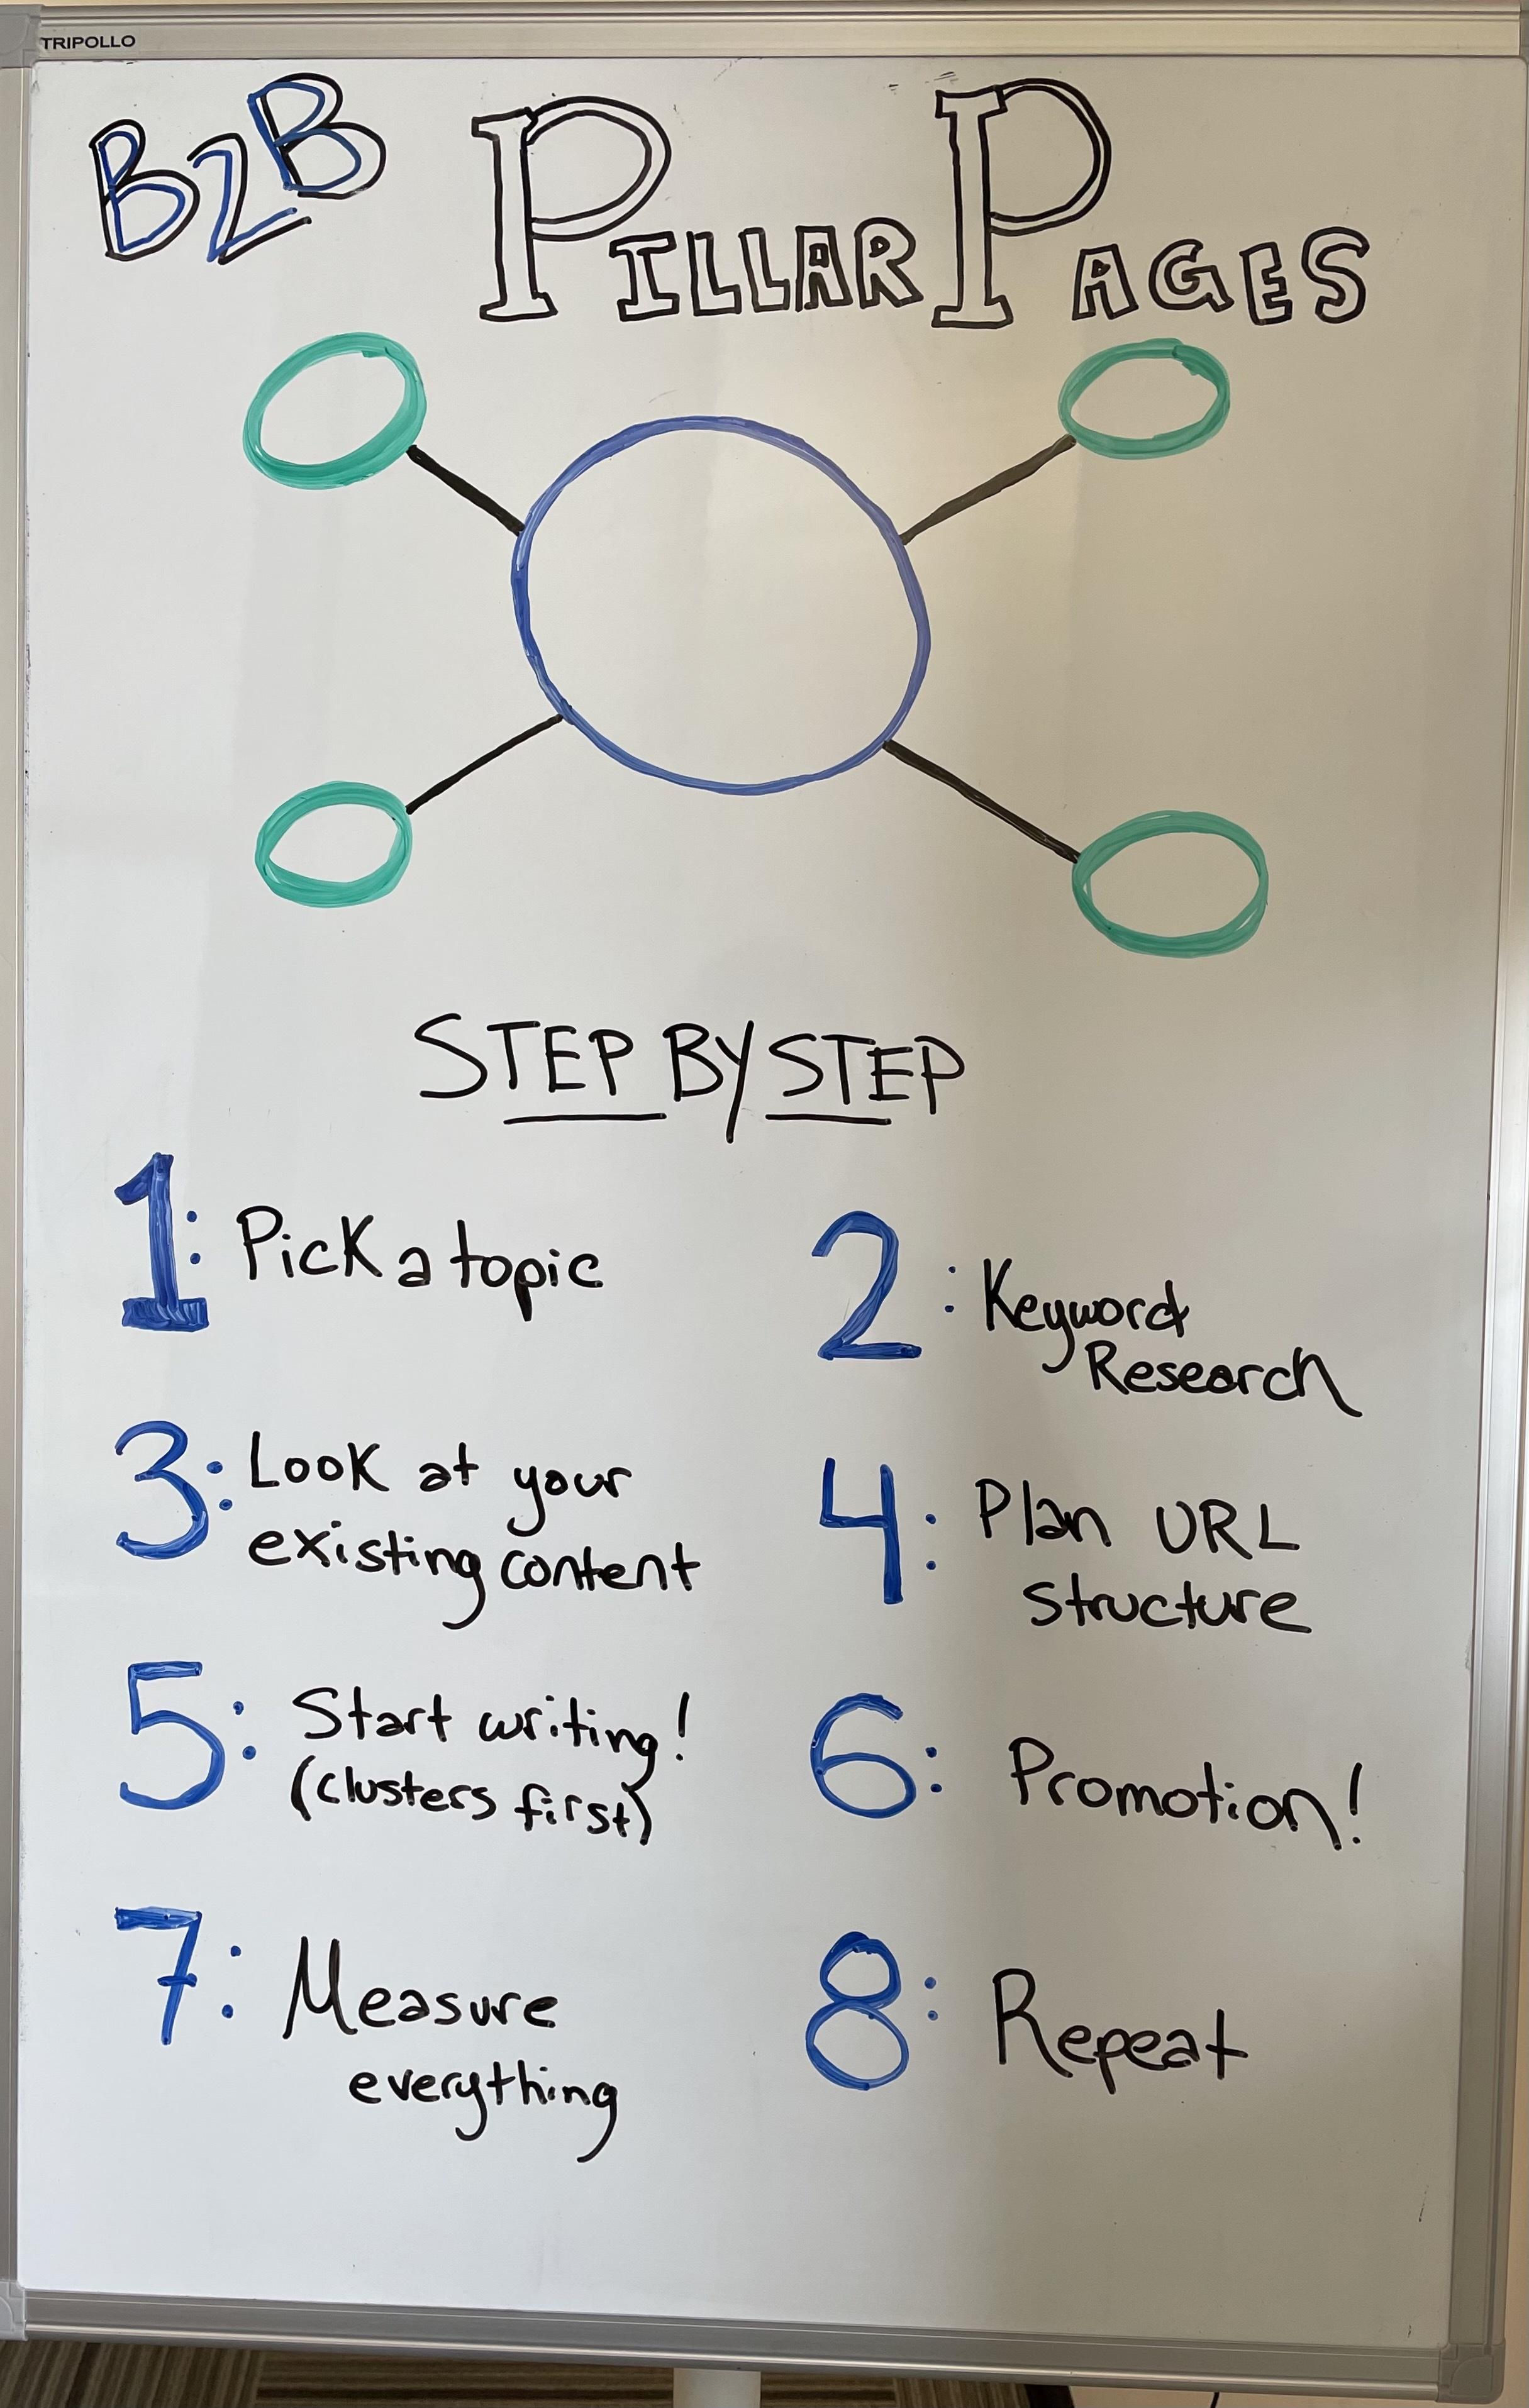 عکس یک استراتژی گام به گام برای صفحات ستون B2B